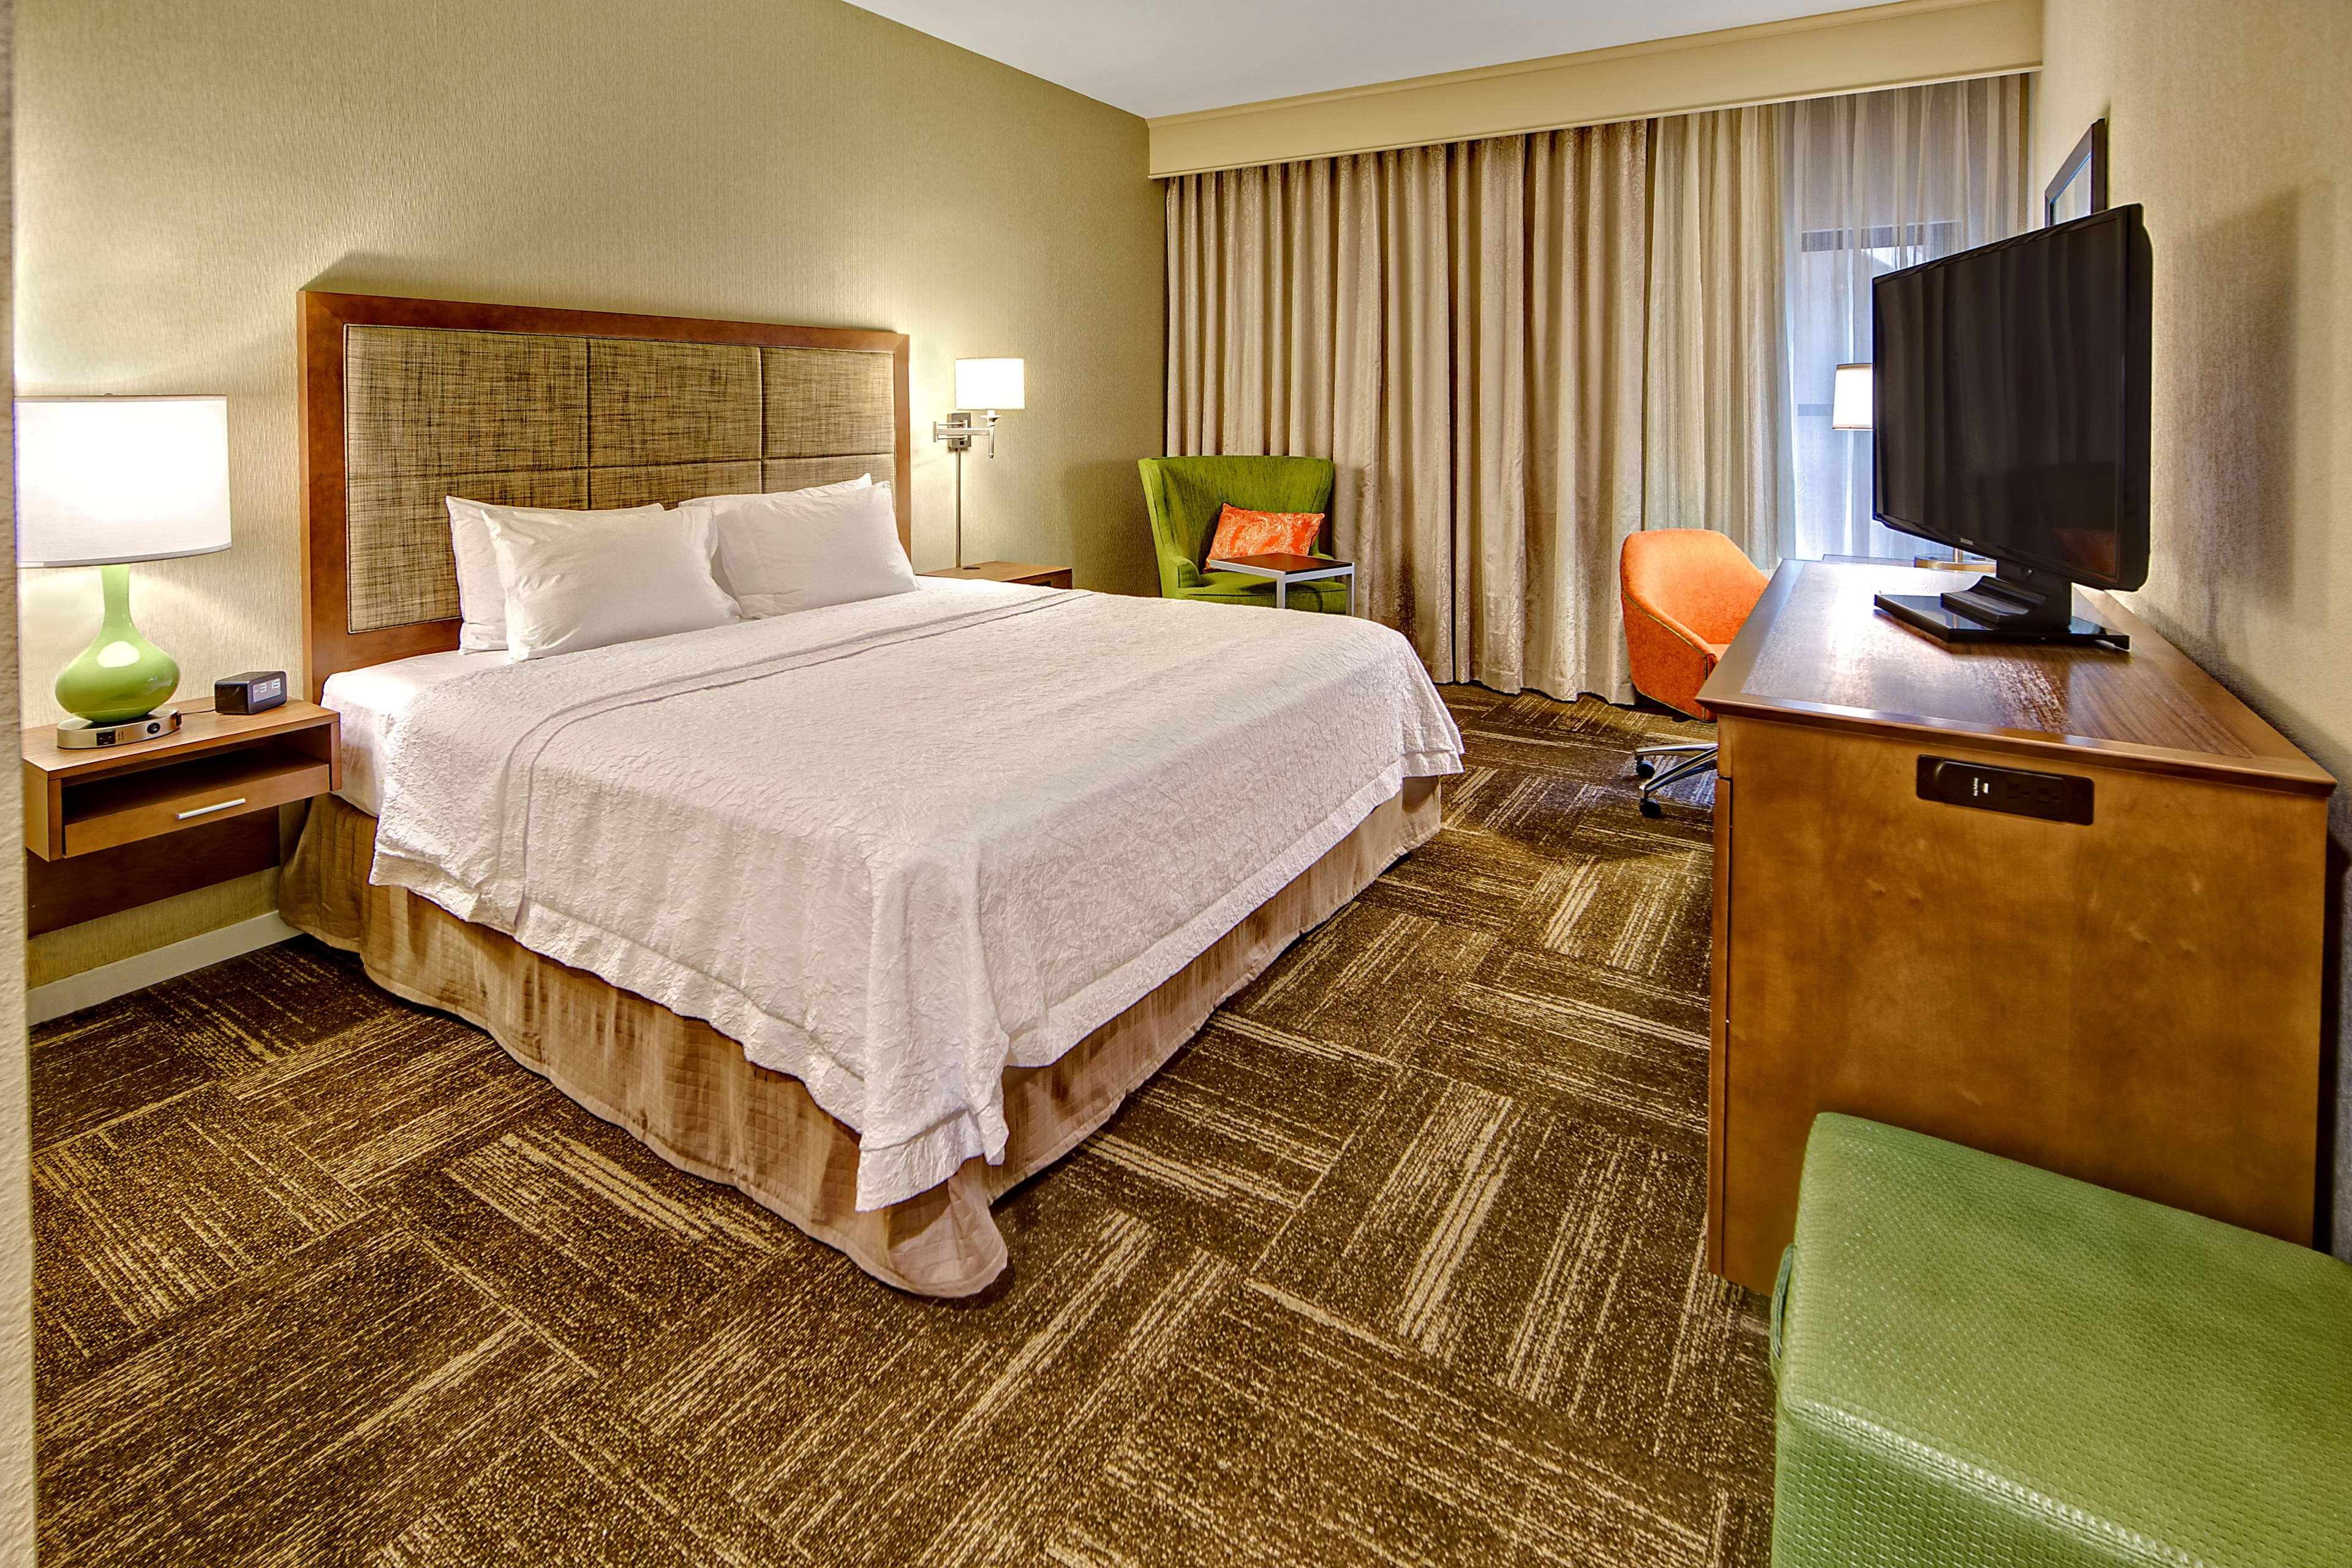 Hampton Inn & Suites Asheville-I-26 image 24